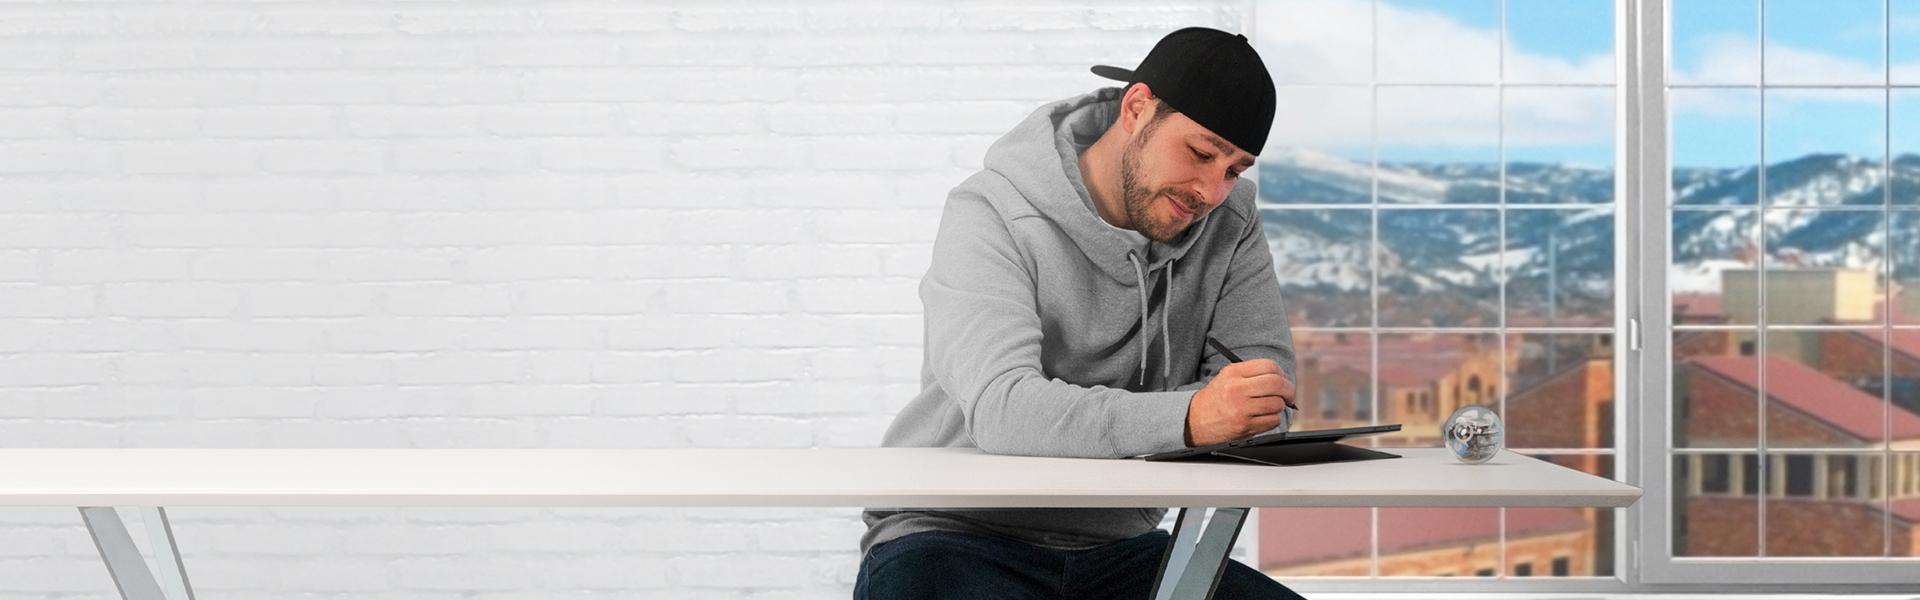 رجل يبتسم وهو يعمل على مكتب مع Surface.